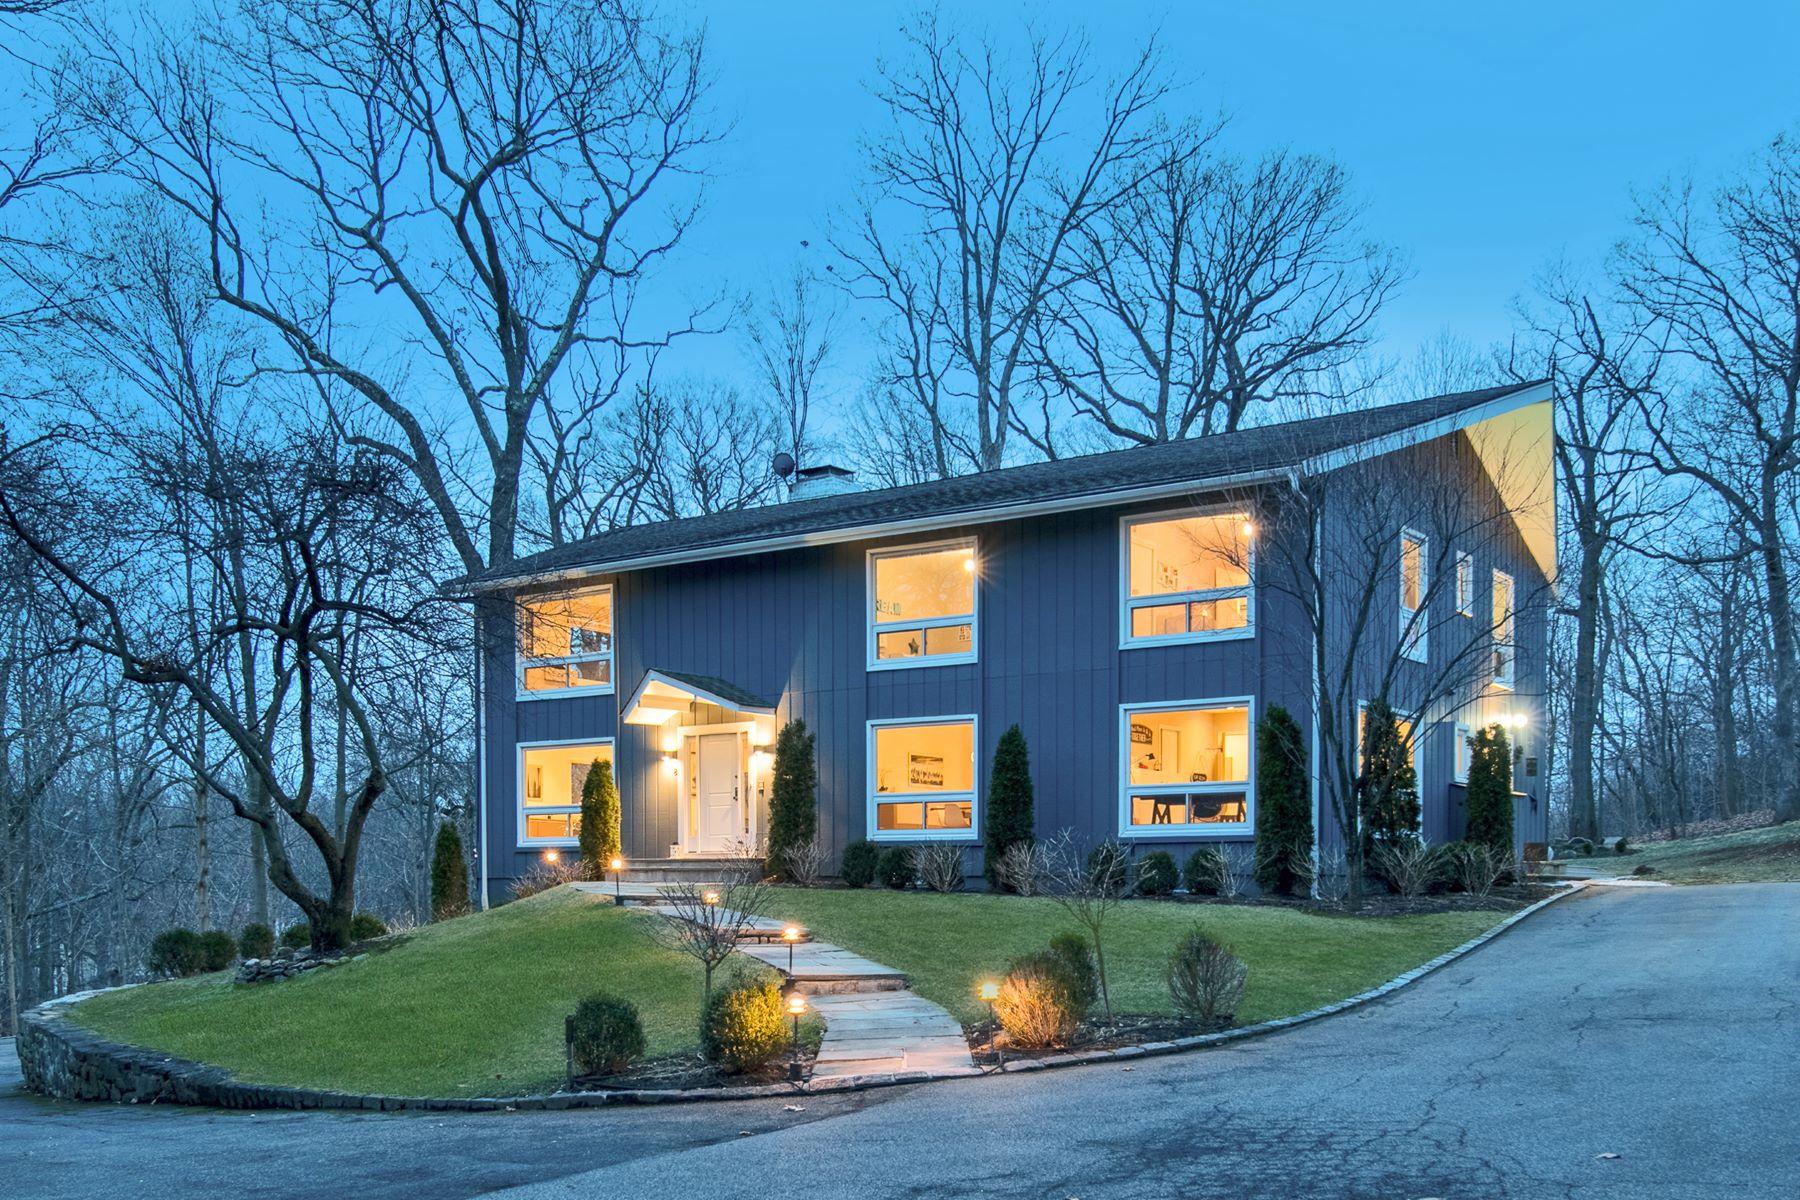 Casa Unifamiliar por un Venta en Contemporary Lifestyle in the Heart of Nature 8 Glen Lane, Mamaroneck, Nueva York, 10543 Estados Unidos